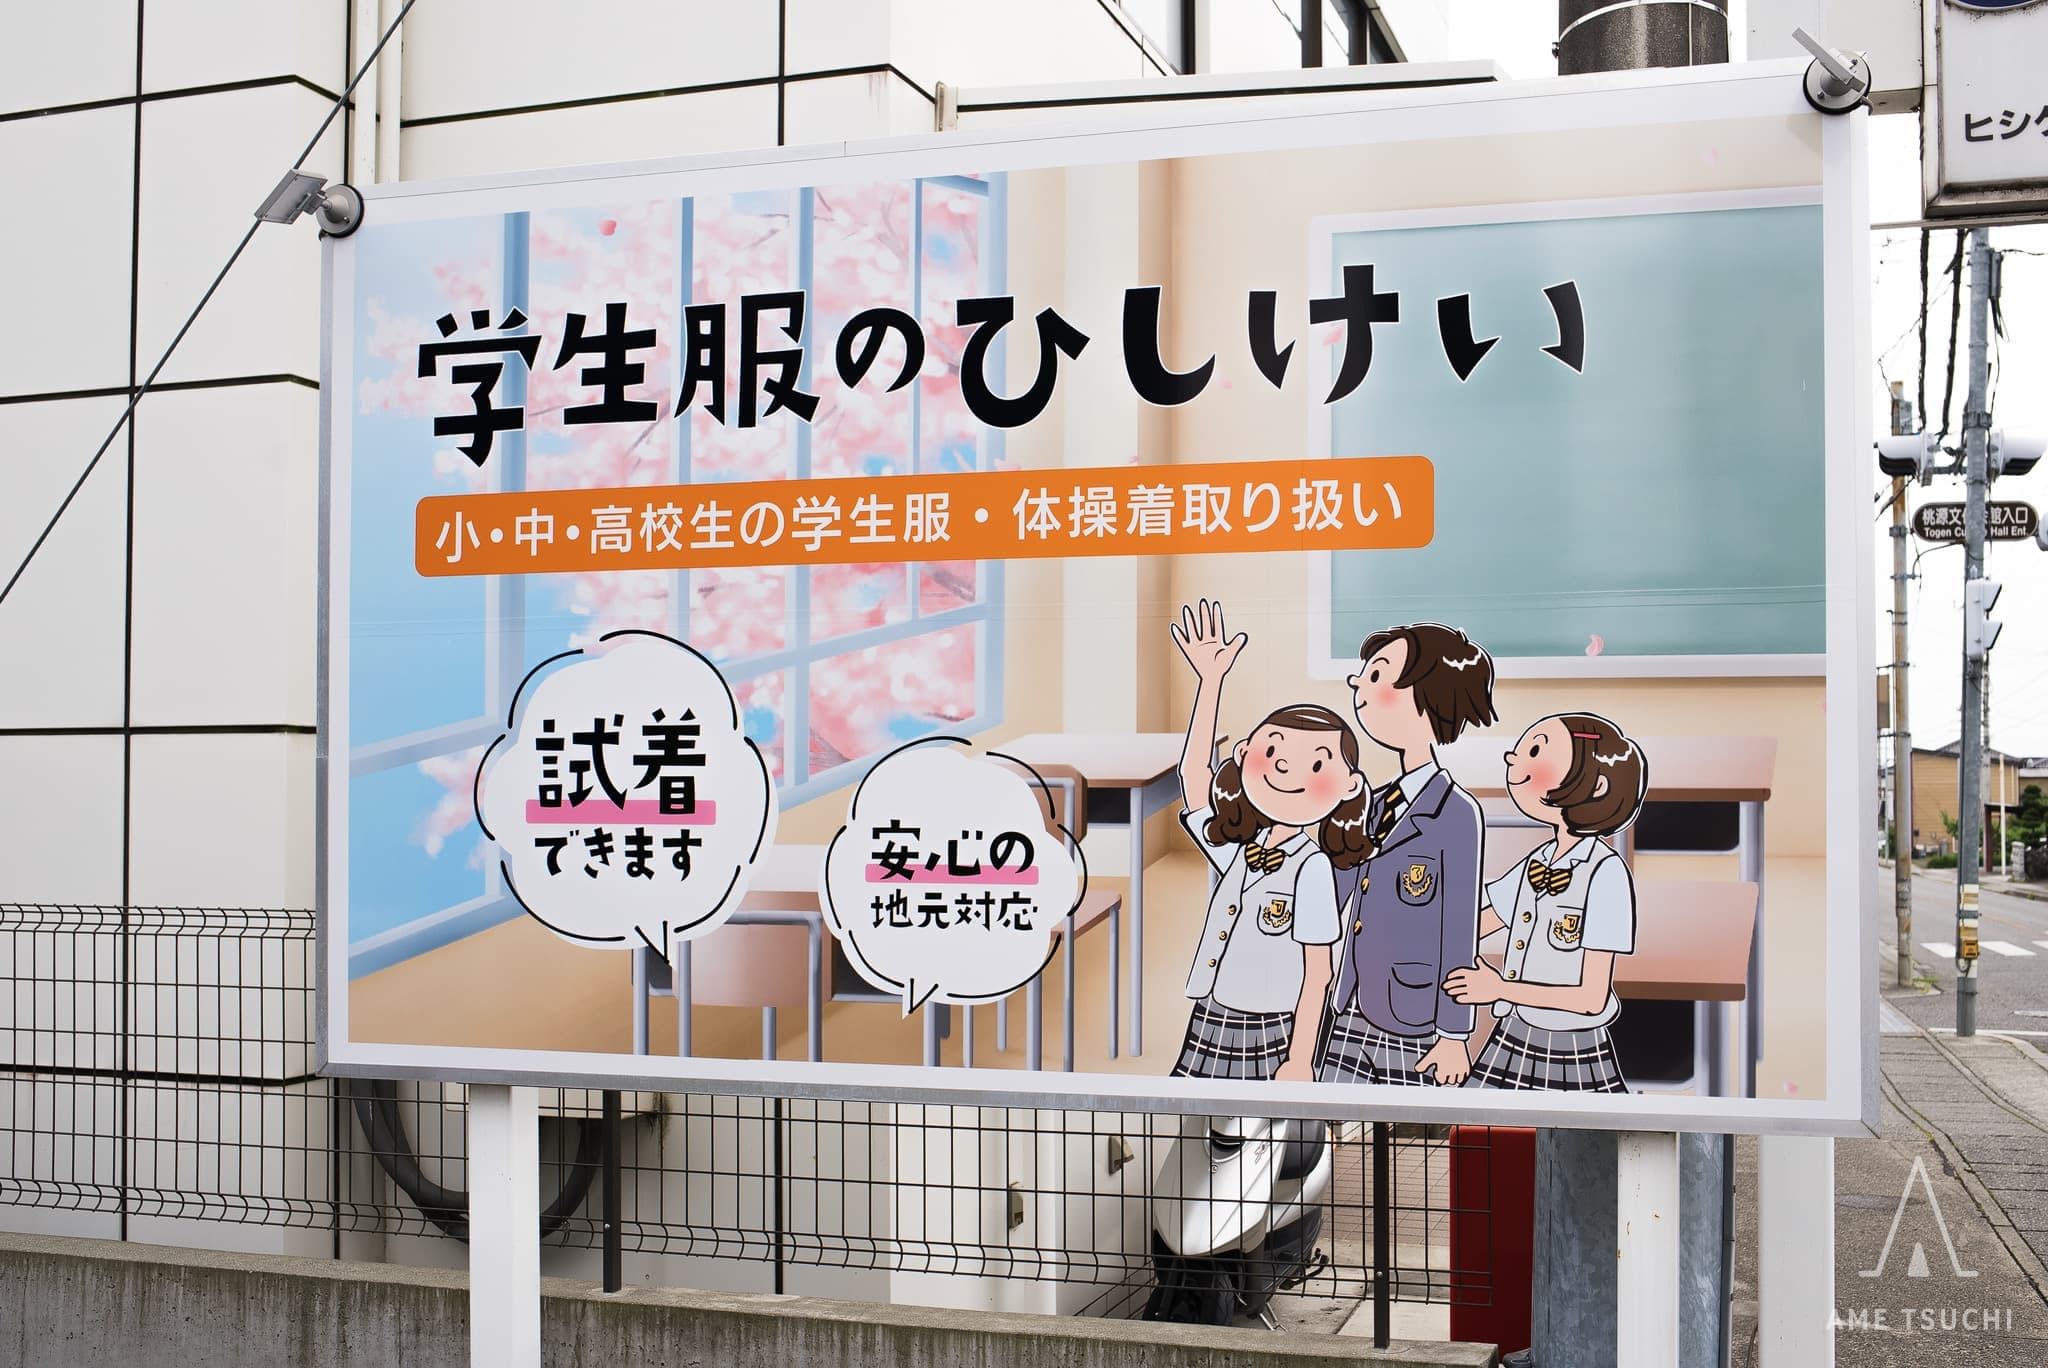 看板のデザイン [ひしけい衣料品店]